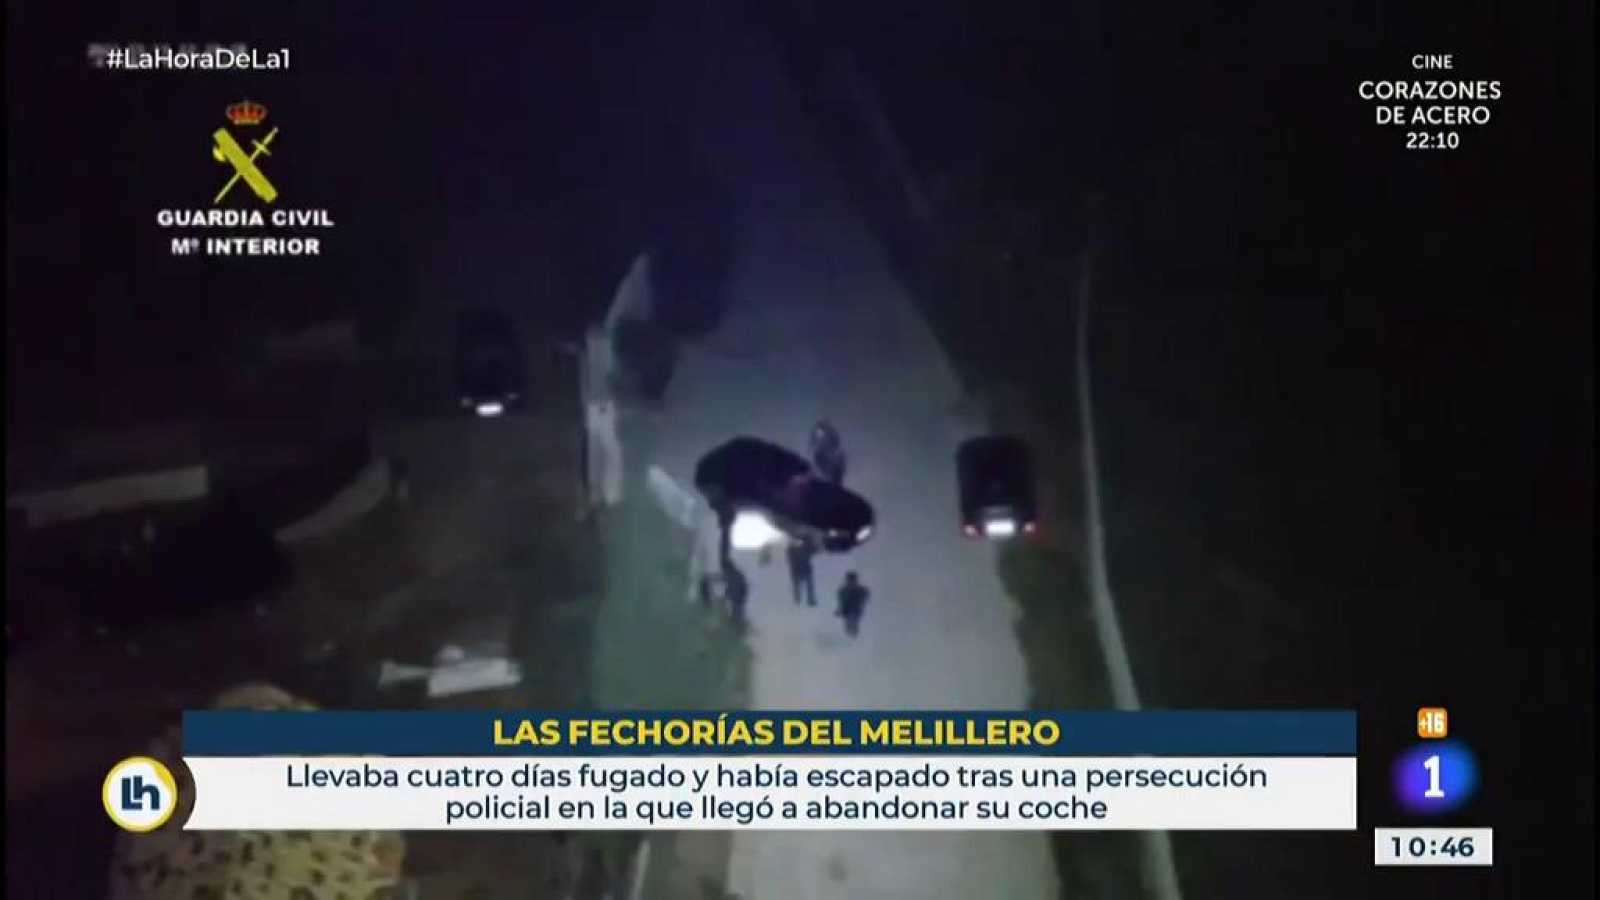 """Detienen a """"El Melillero"""", el agresor del ácido"""